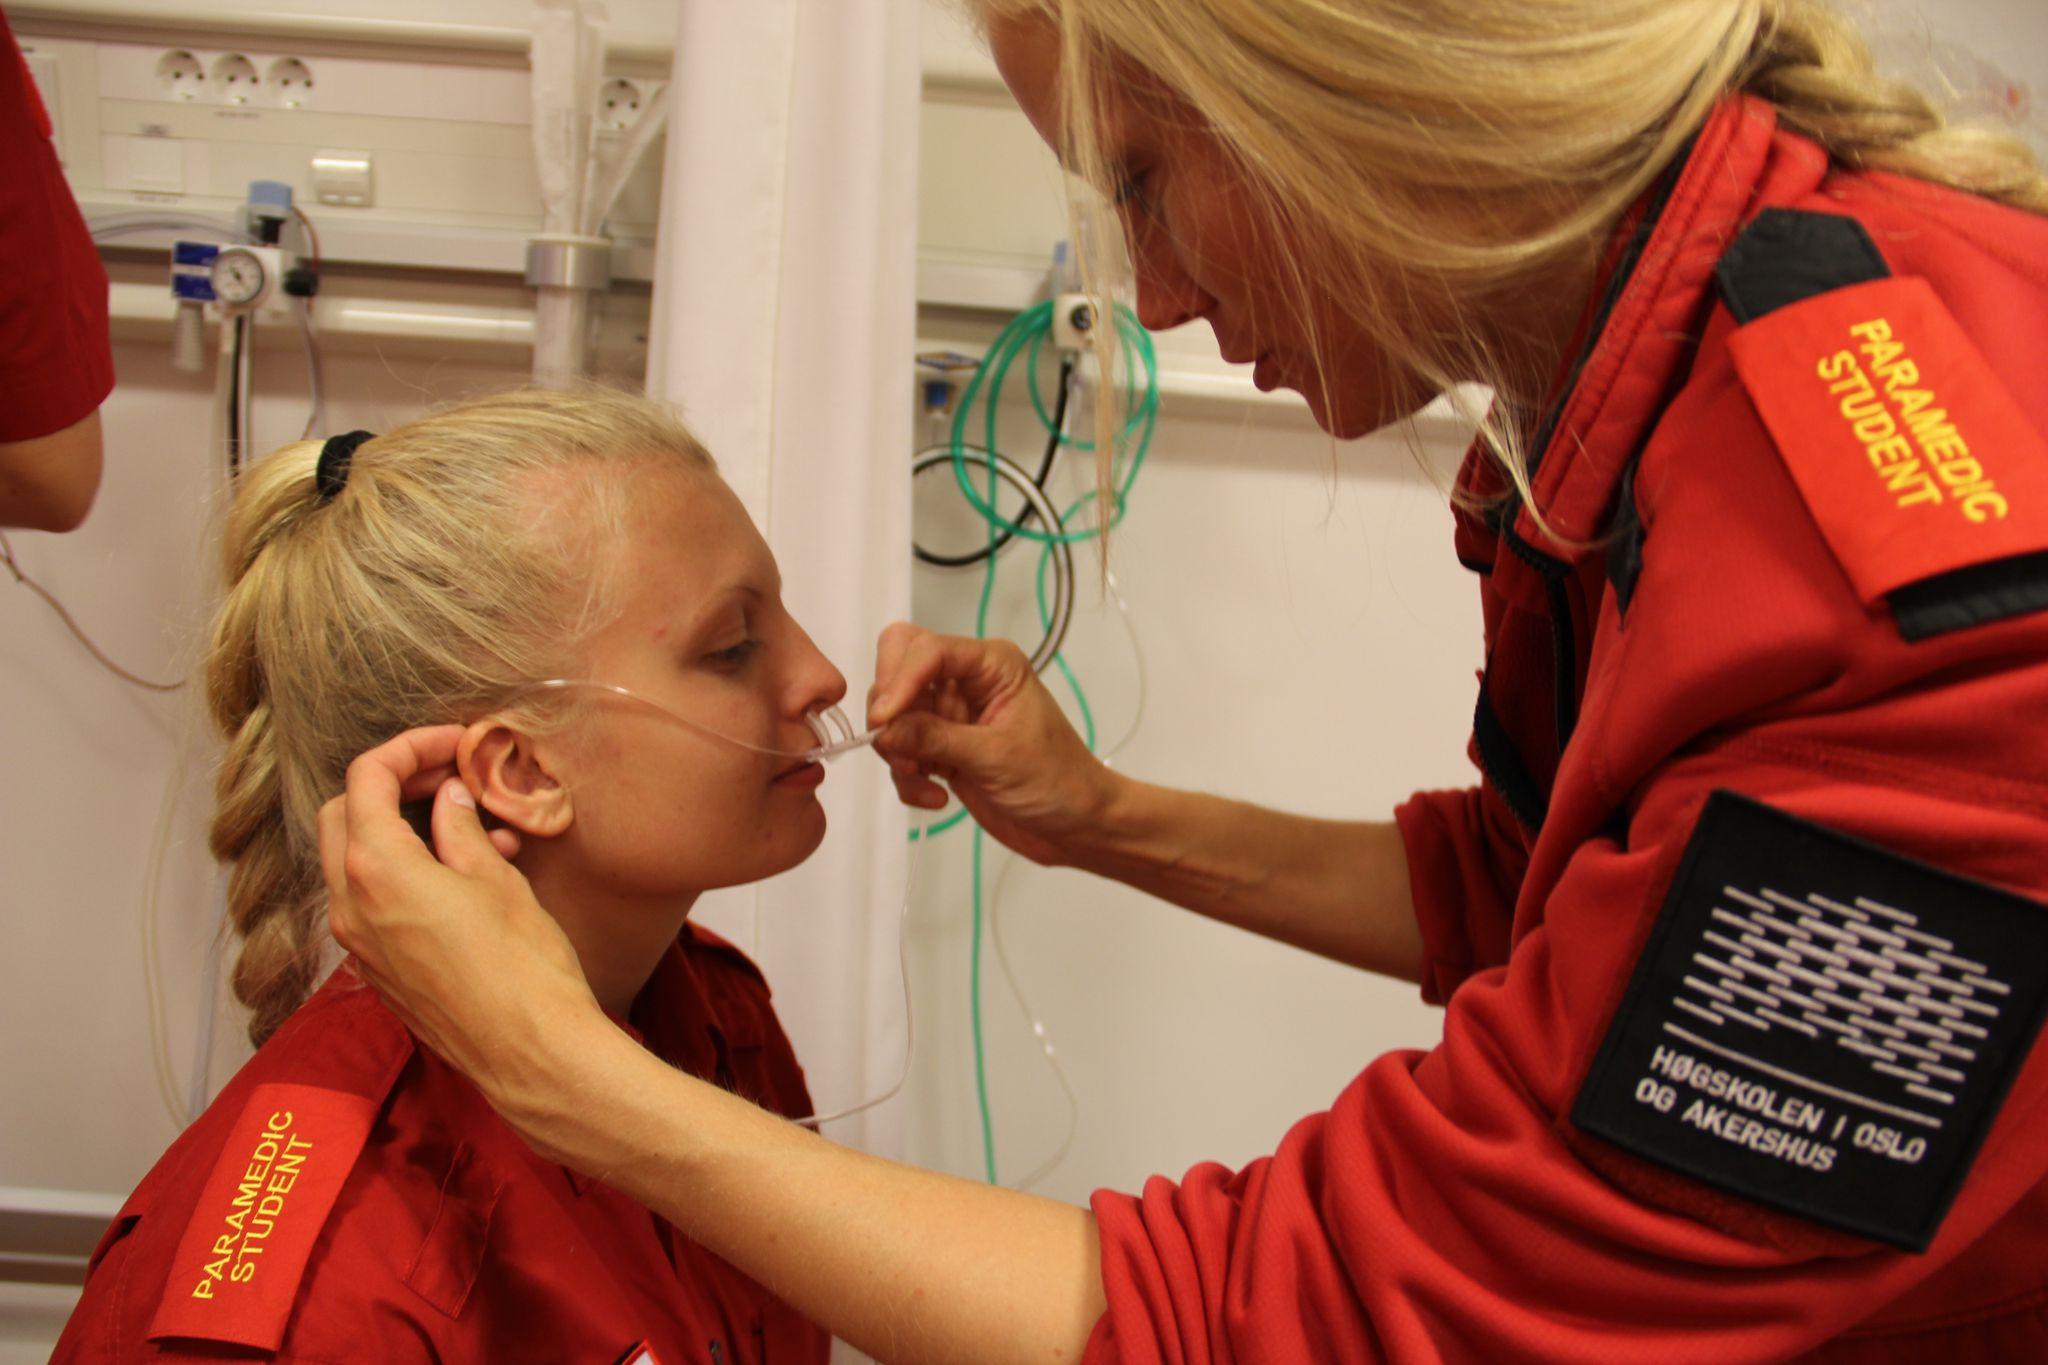 eori og praksis i luftveishåndtering på bachelor i prehospitalt arbeid: Studentene prøver ut nesegrime og maske, slik at de vet hvordan det kjennes ut for pasienten. Fra venstre: Thea Brattås Holte og Ina Dahl.